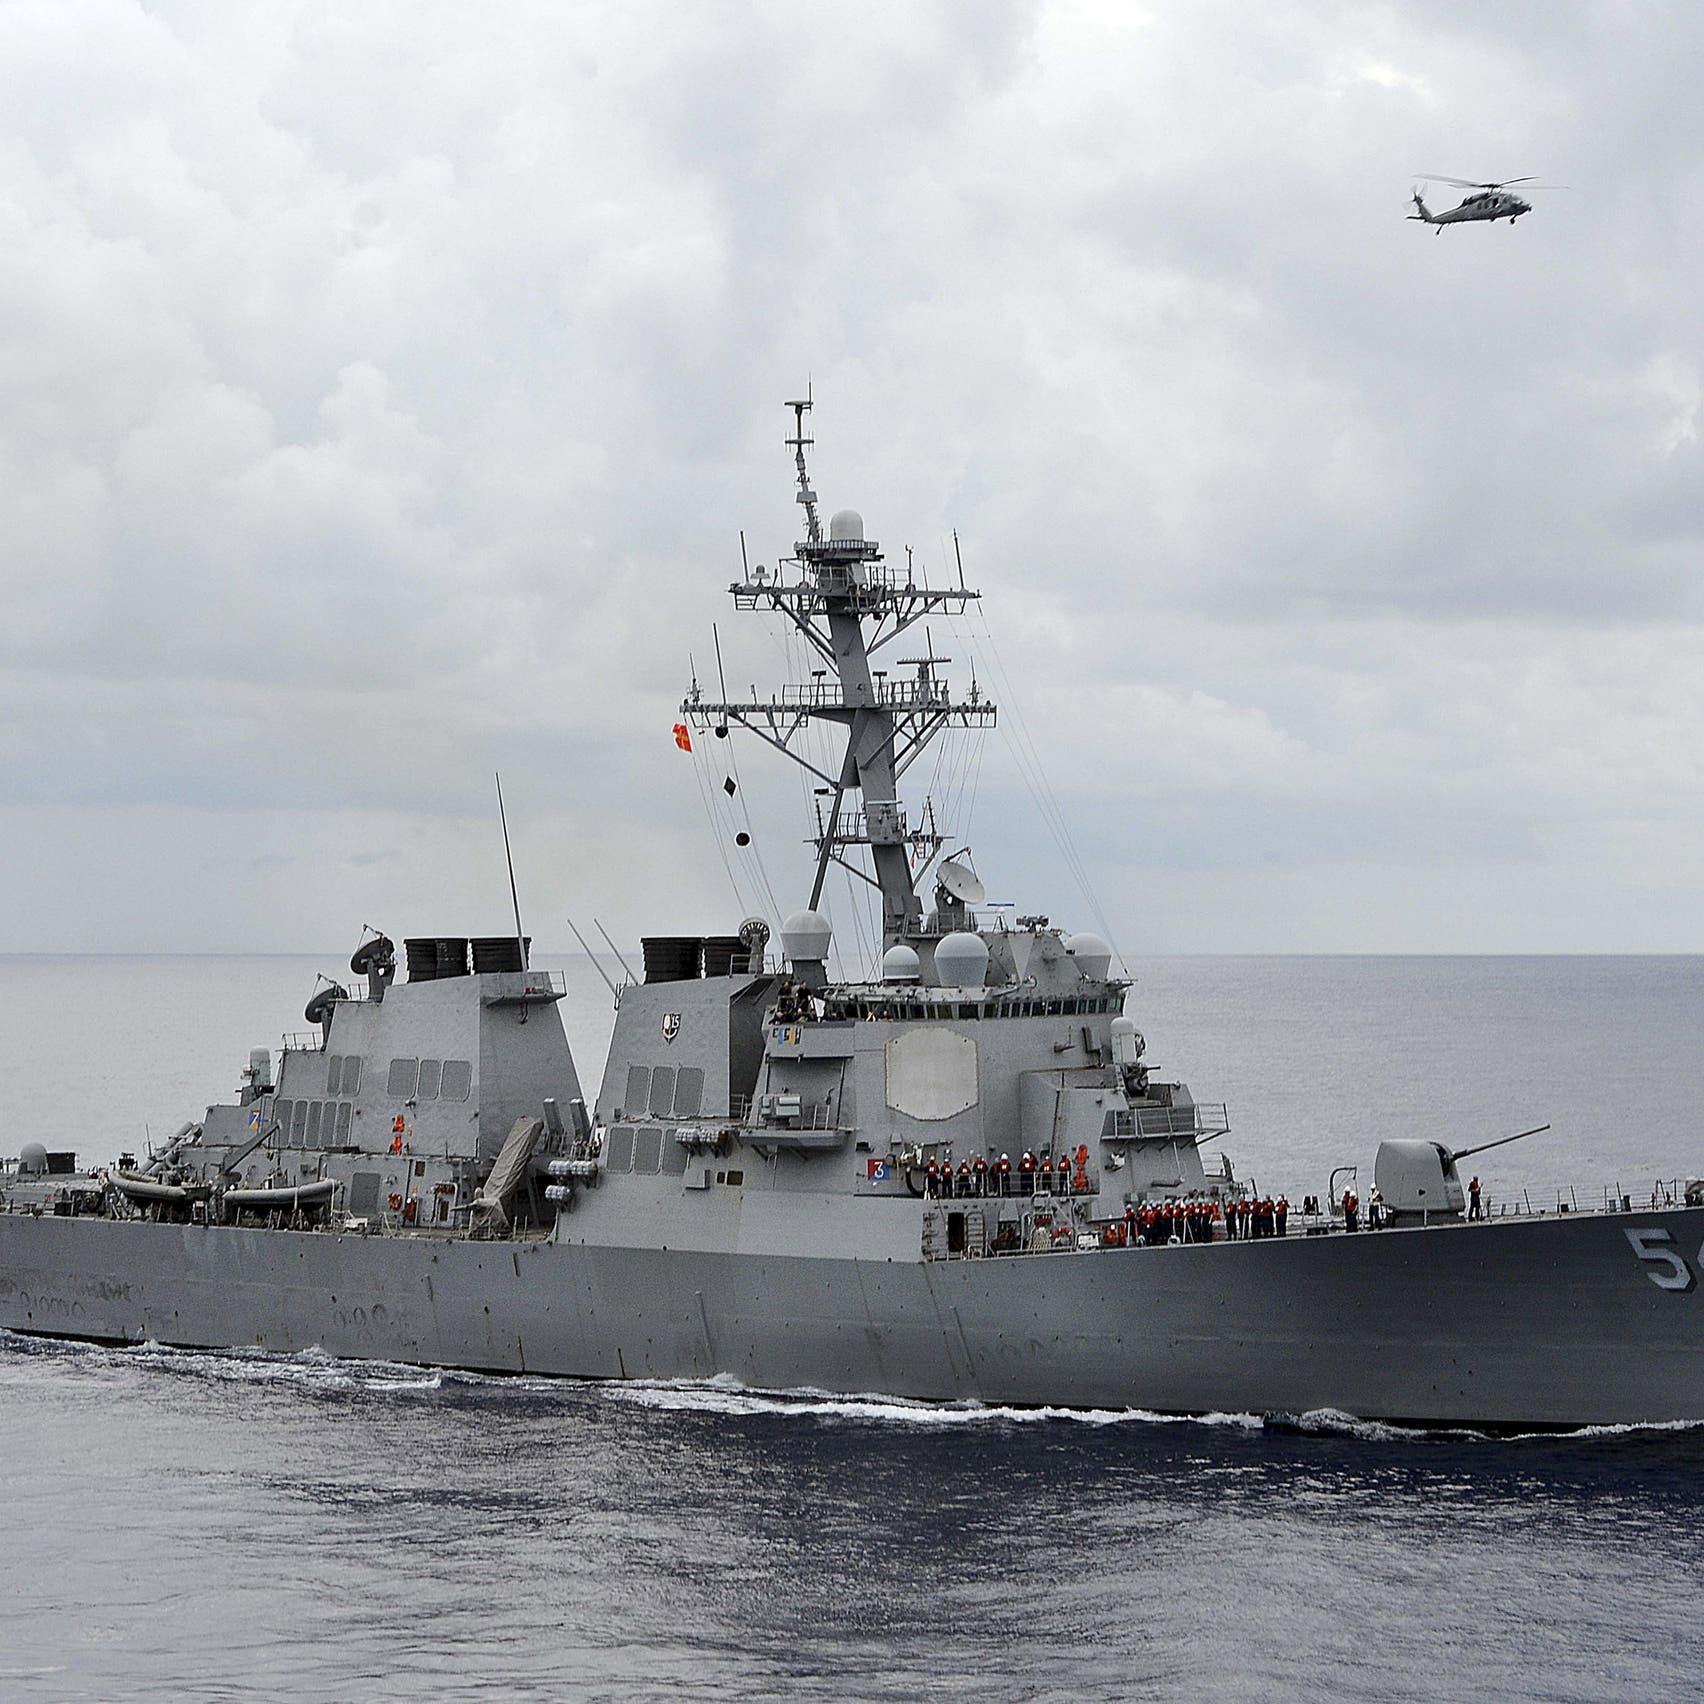 سفينة حربية أميركية تبحر بمنطقة متنازع عليها وتثير غضب الصين